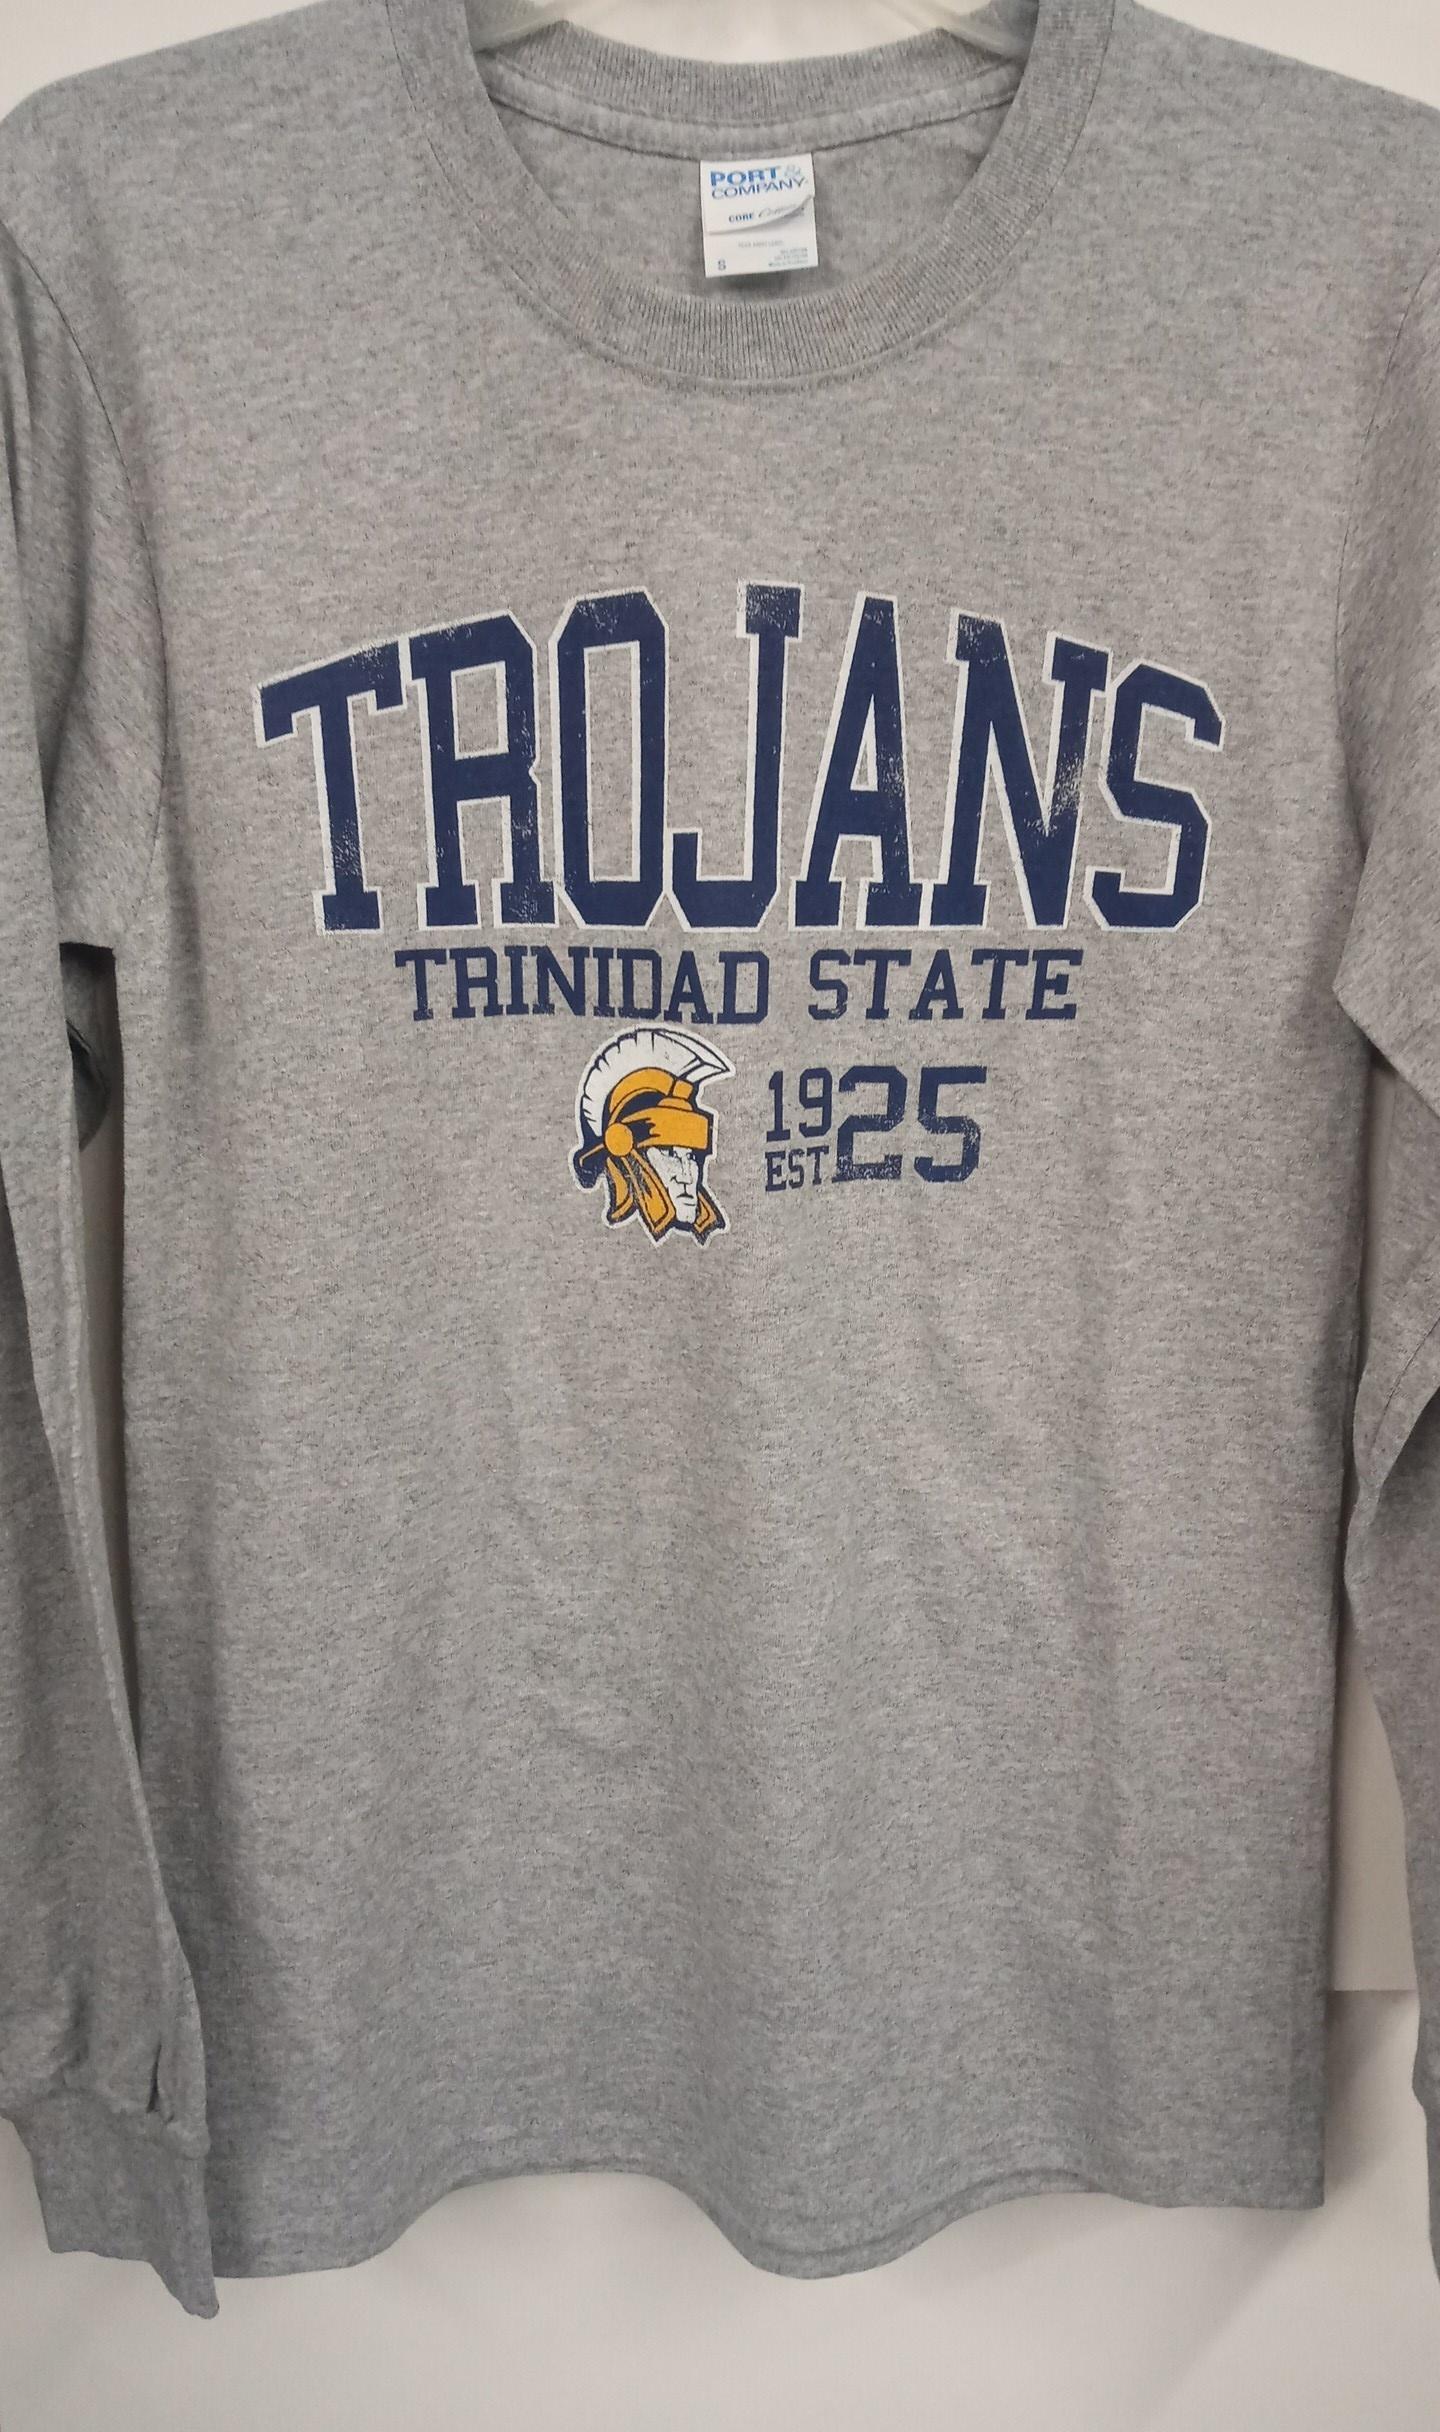 Trojans Trinidad State 1925